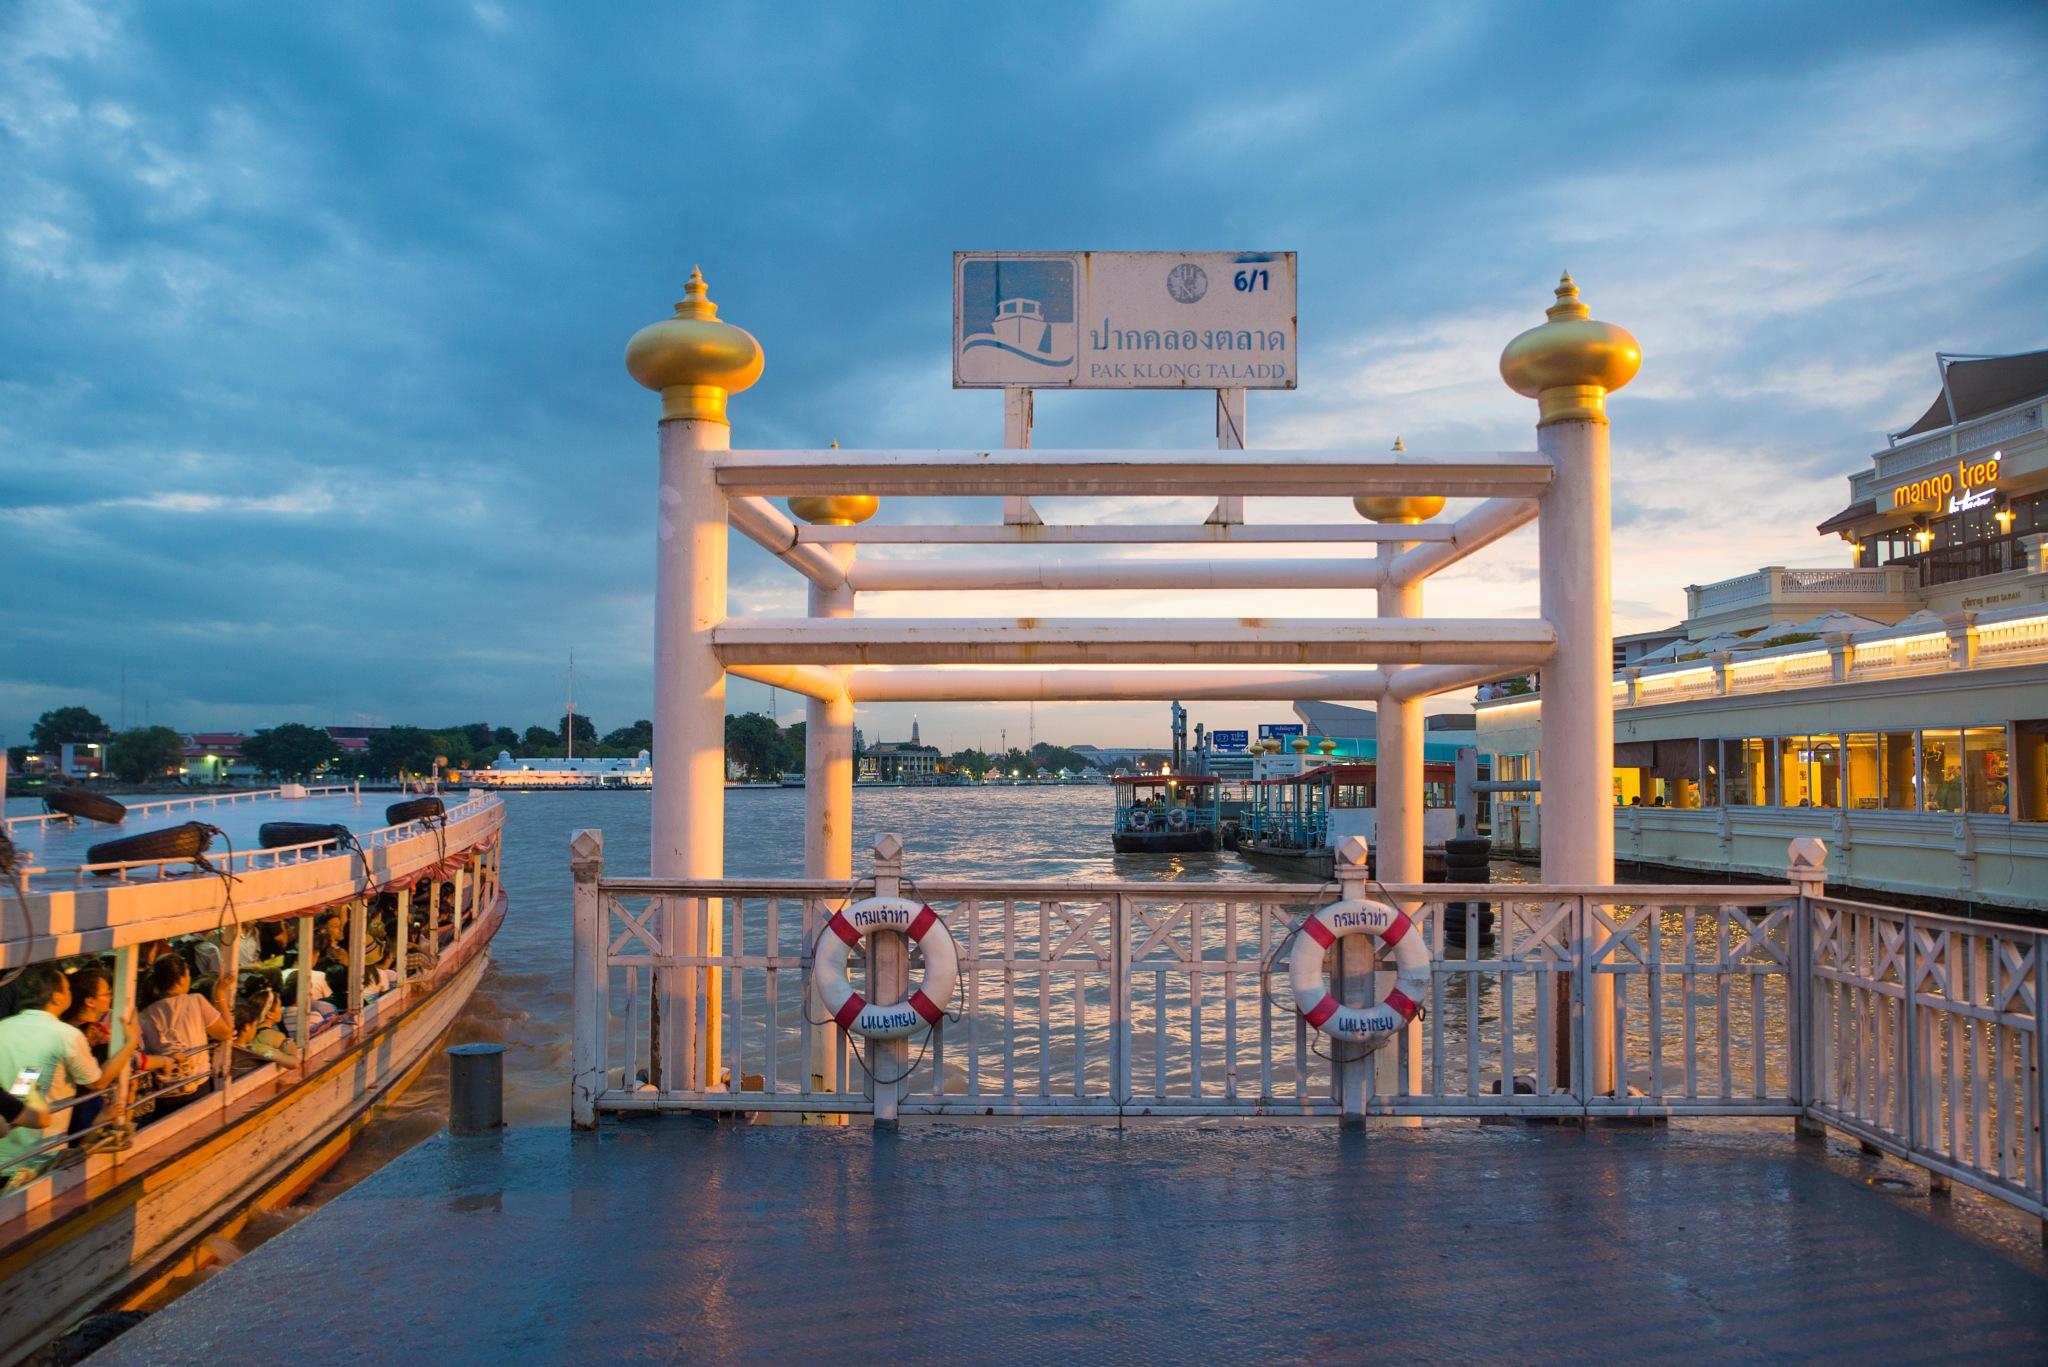 Bangkok Pier by Ron Stollman